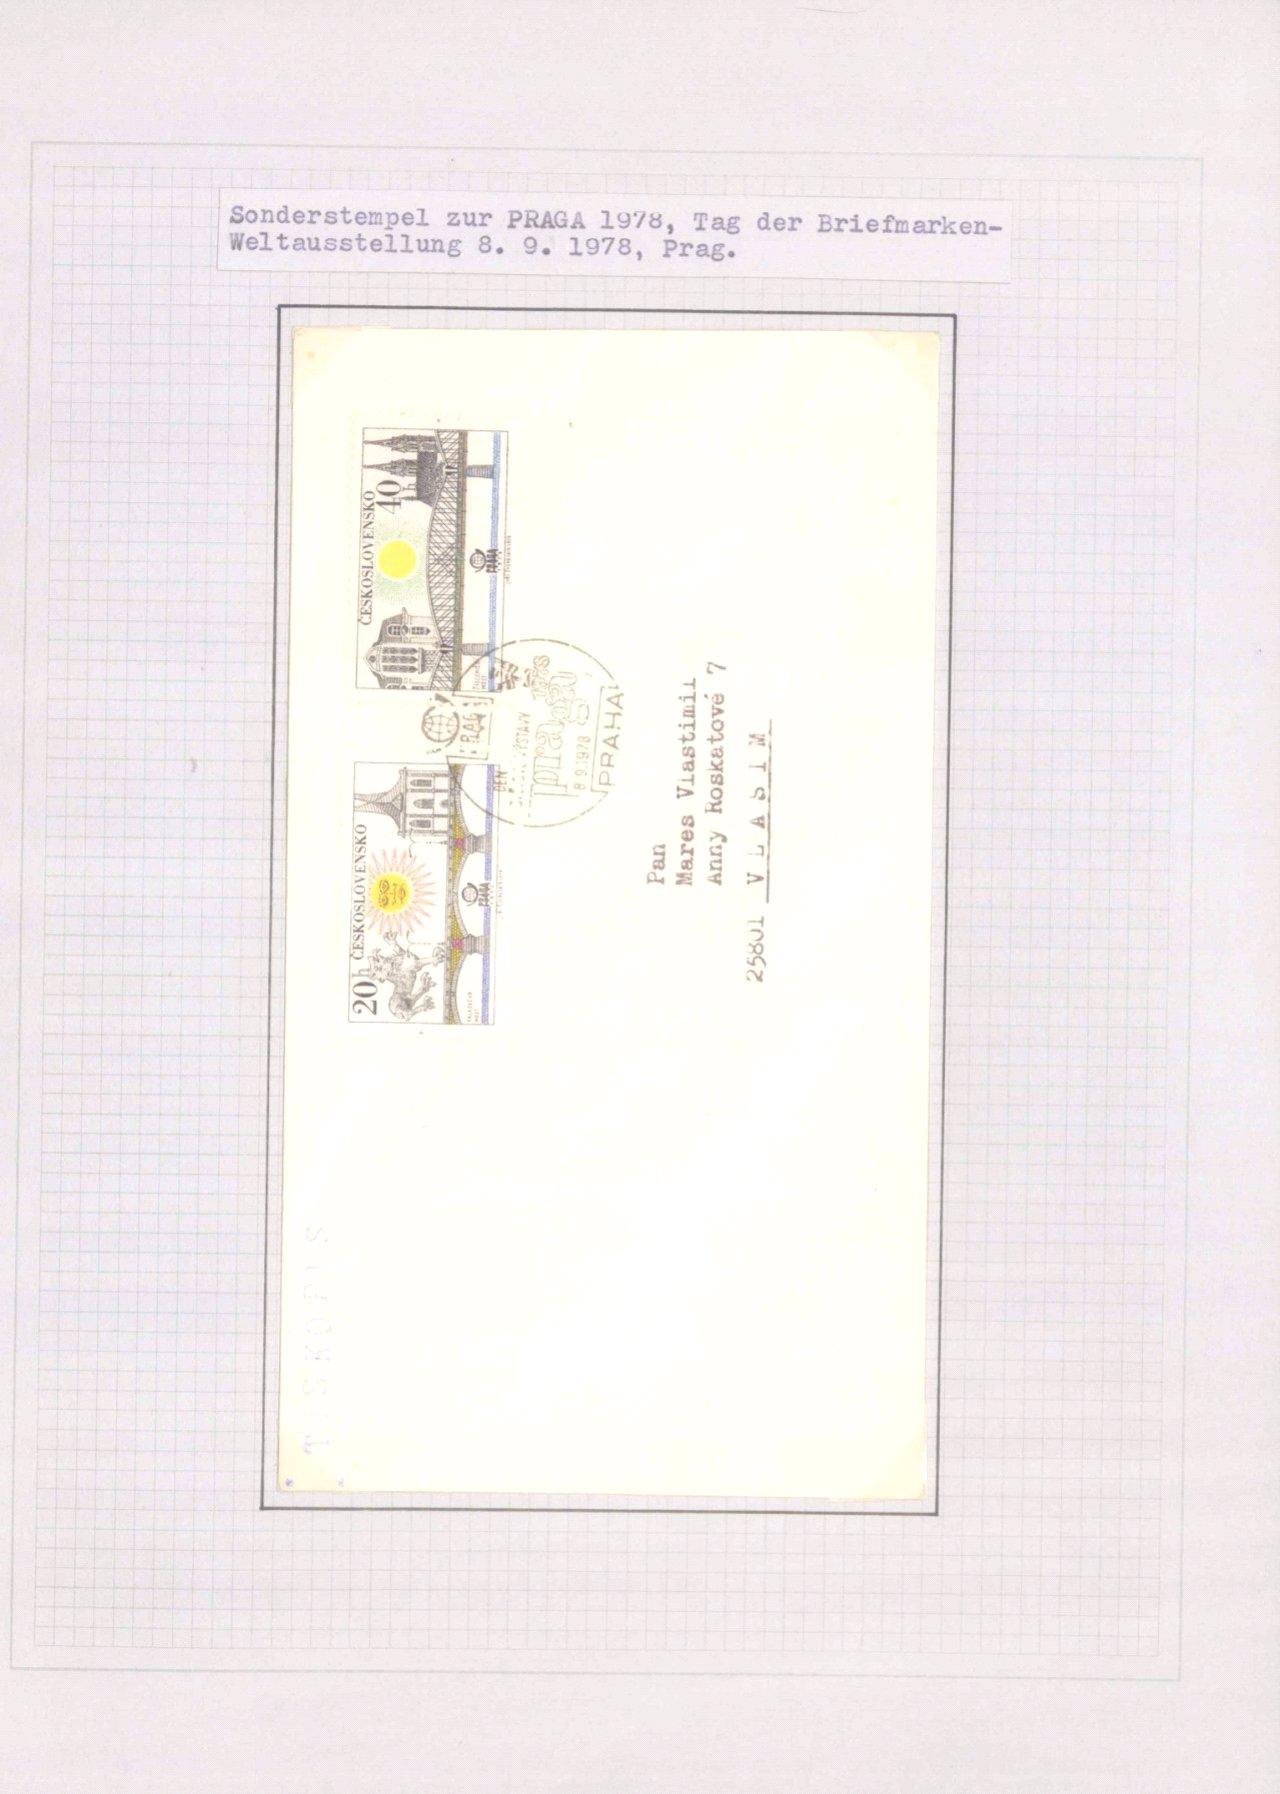 Ausstellungssammlung CSSR 1945-1992-11